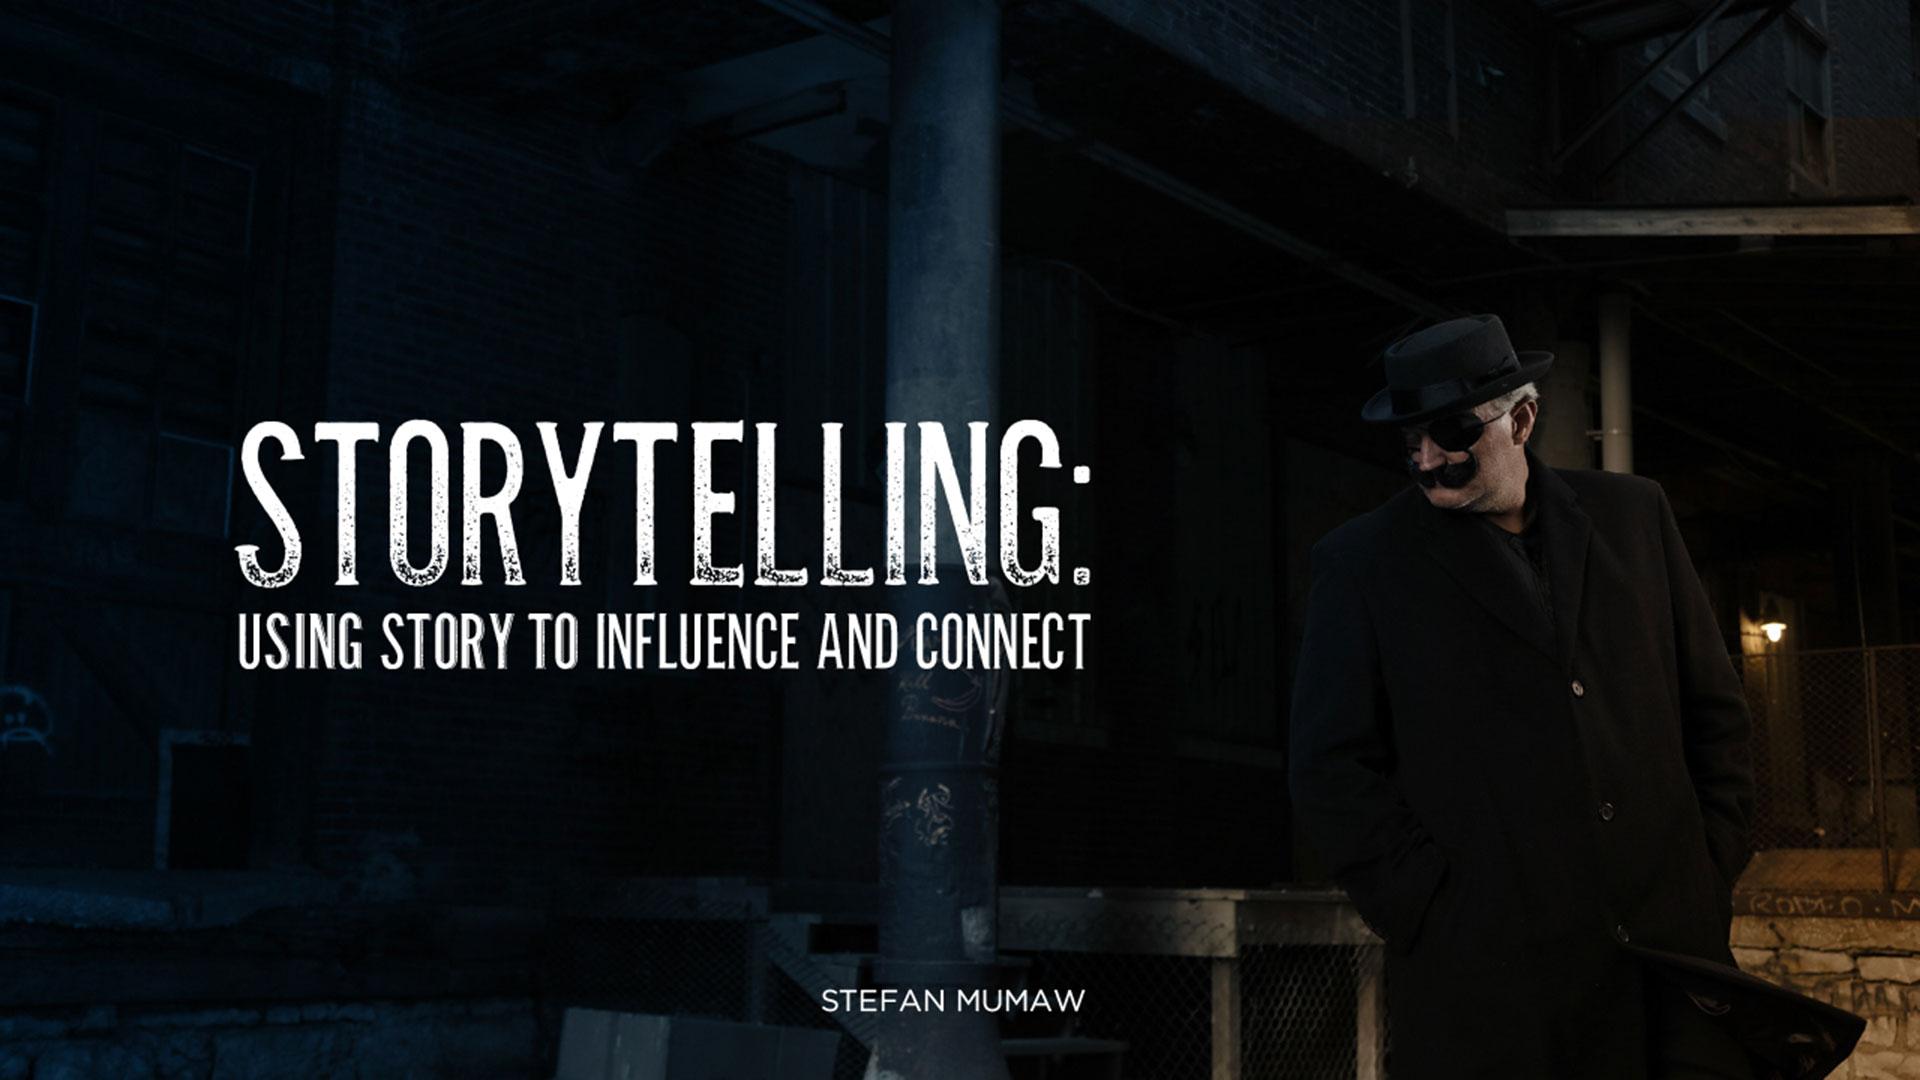 104-storytelling-2